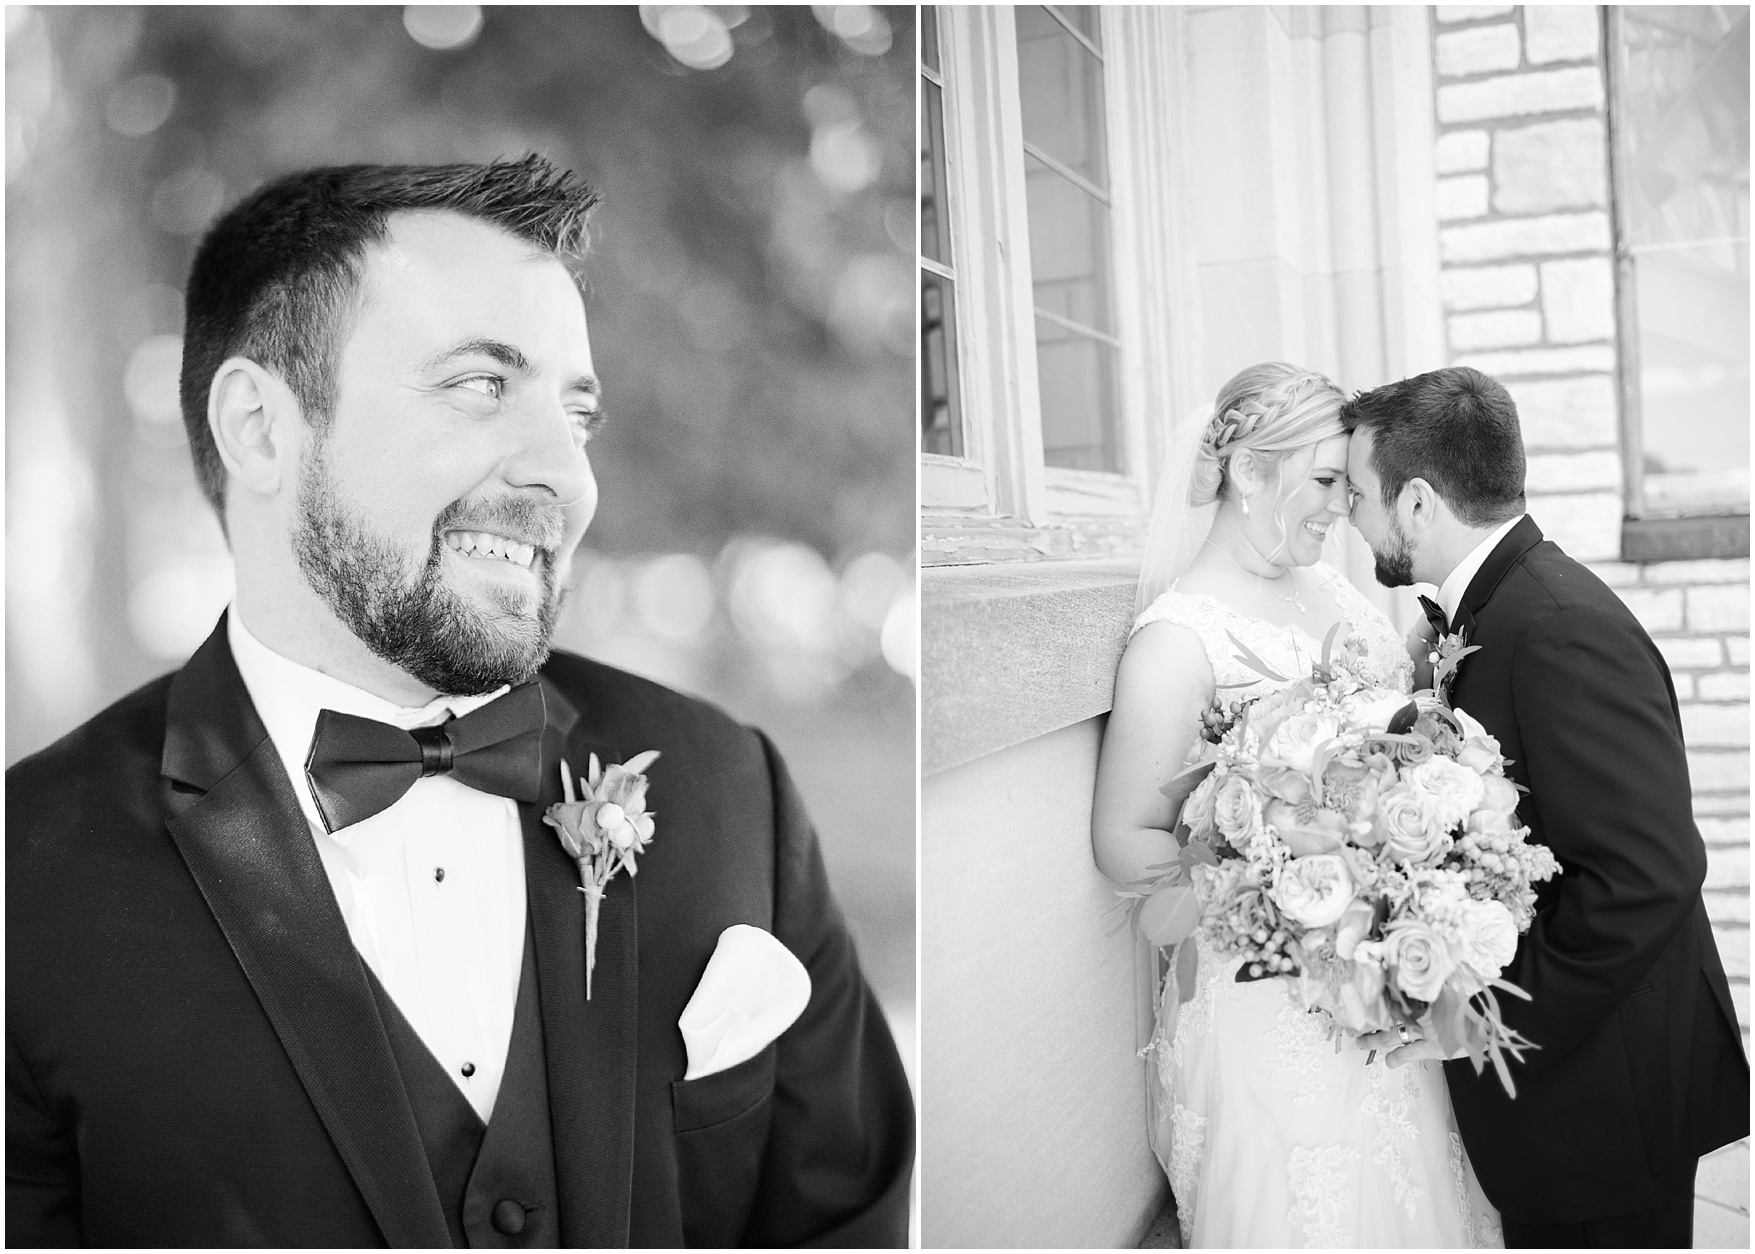 wedding photography st louis_lauren muckler photography_film photographer_film wedding_0172.jpg